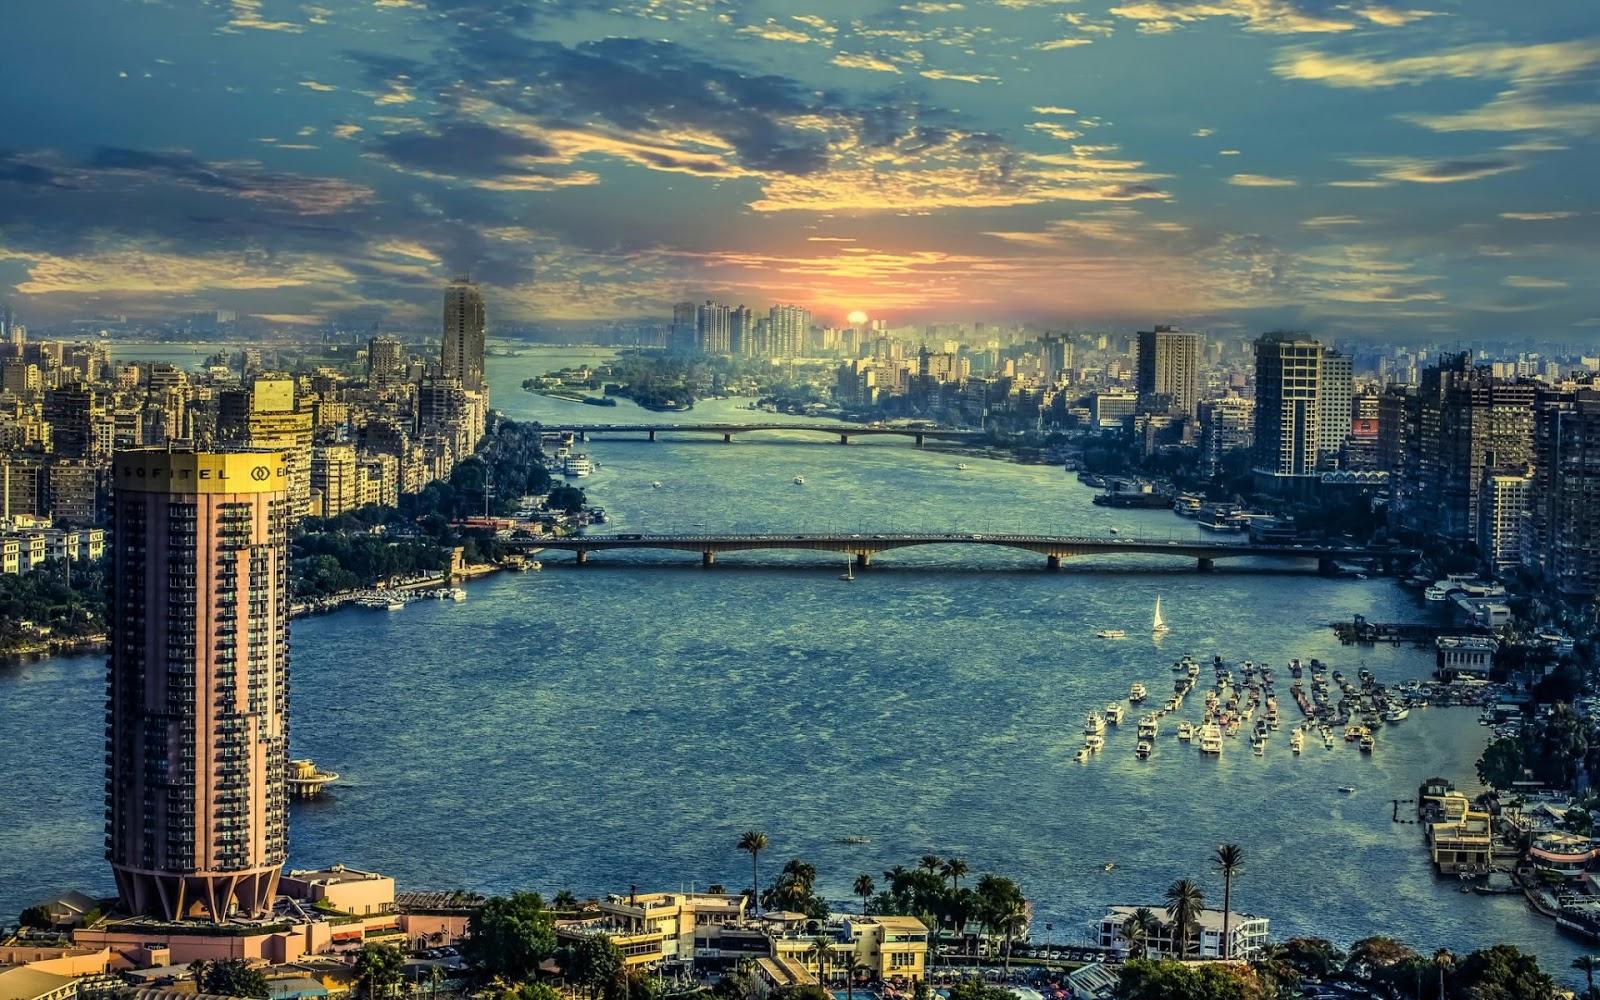 خلفية منظر الغروب من كوبري قصر النيل مصر  للموبيل والكمبيوتر والايفون 2020